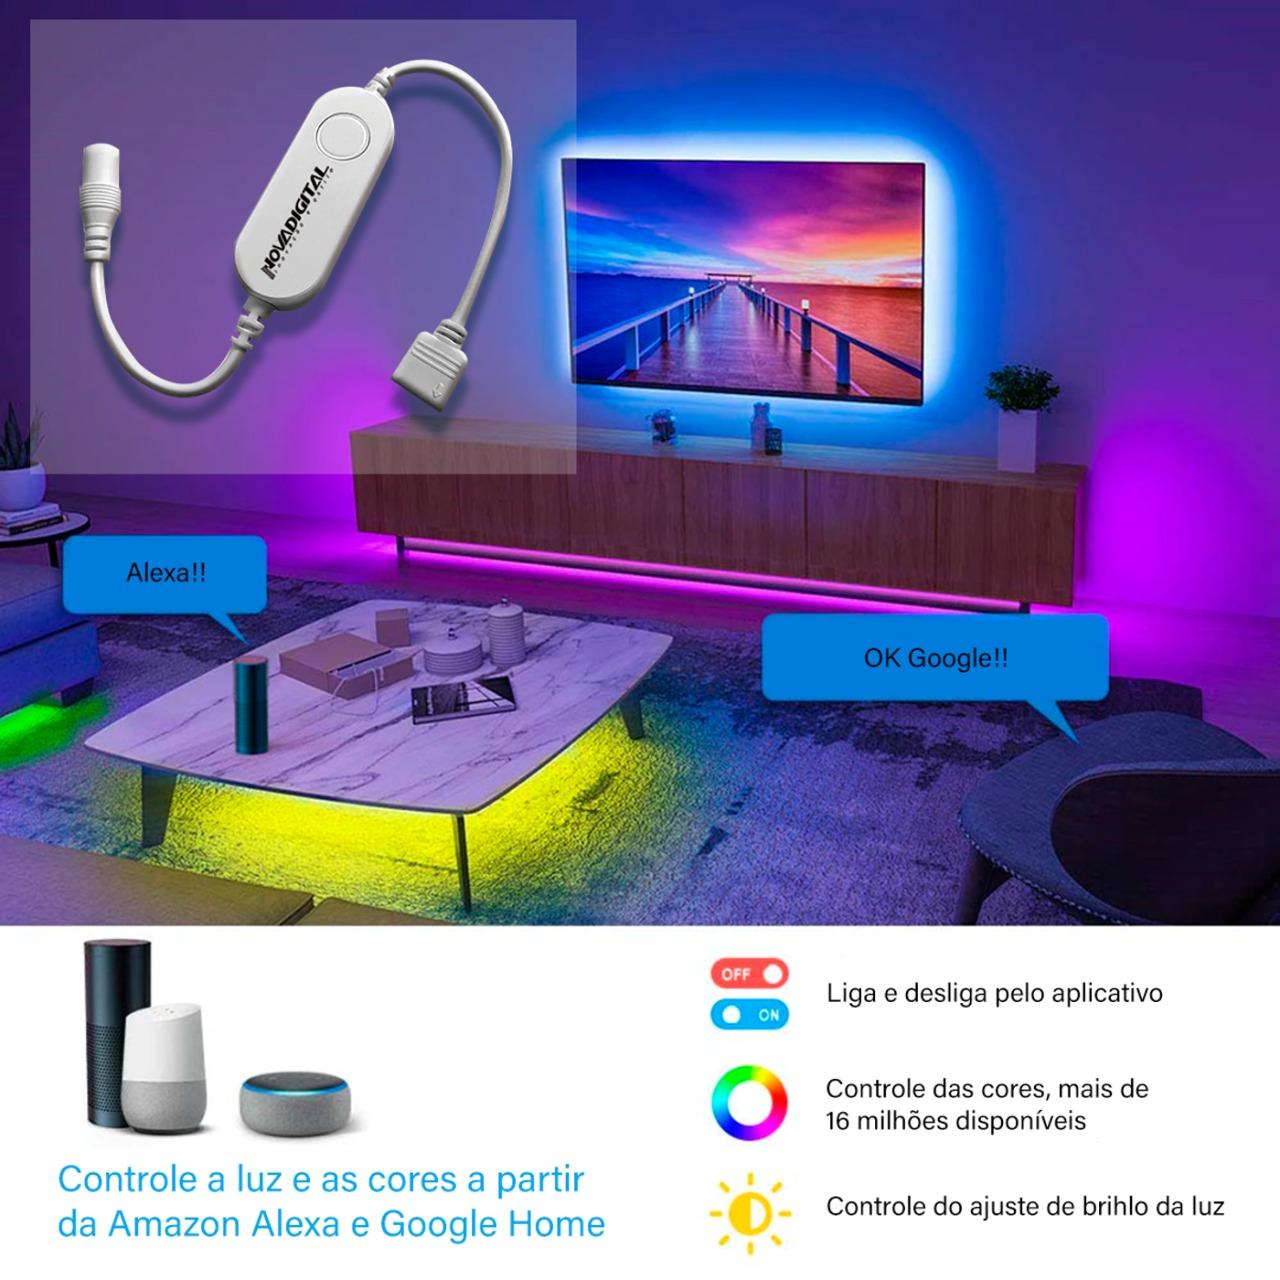 KIT Fita LED Inteligente RGB 16 milhões de cores Wi-Fi 5mts 12V - JS Soluções em Segurança